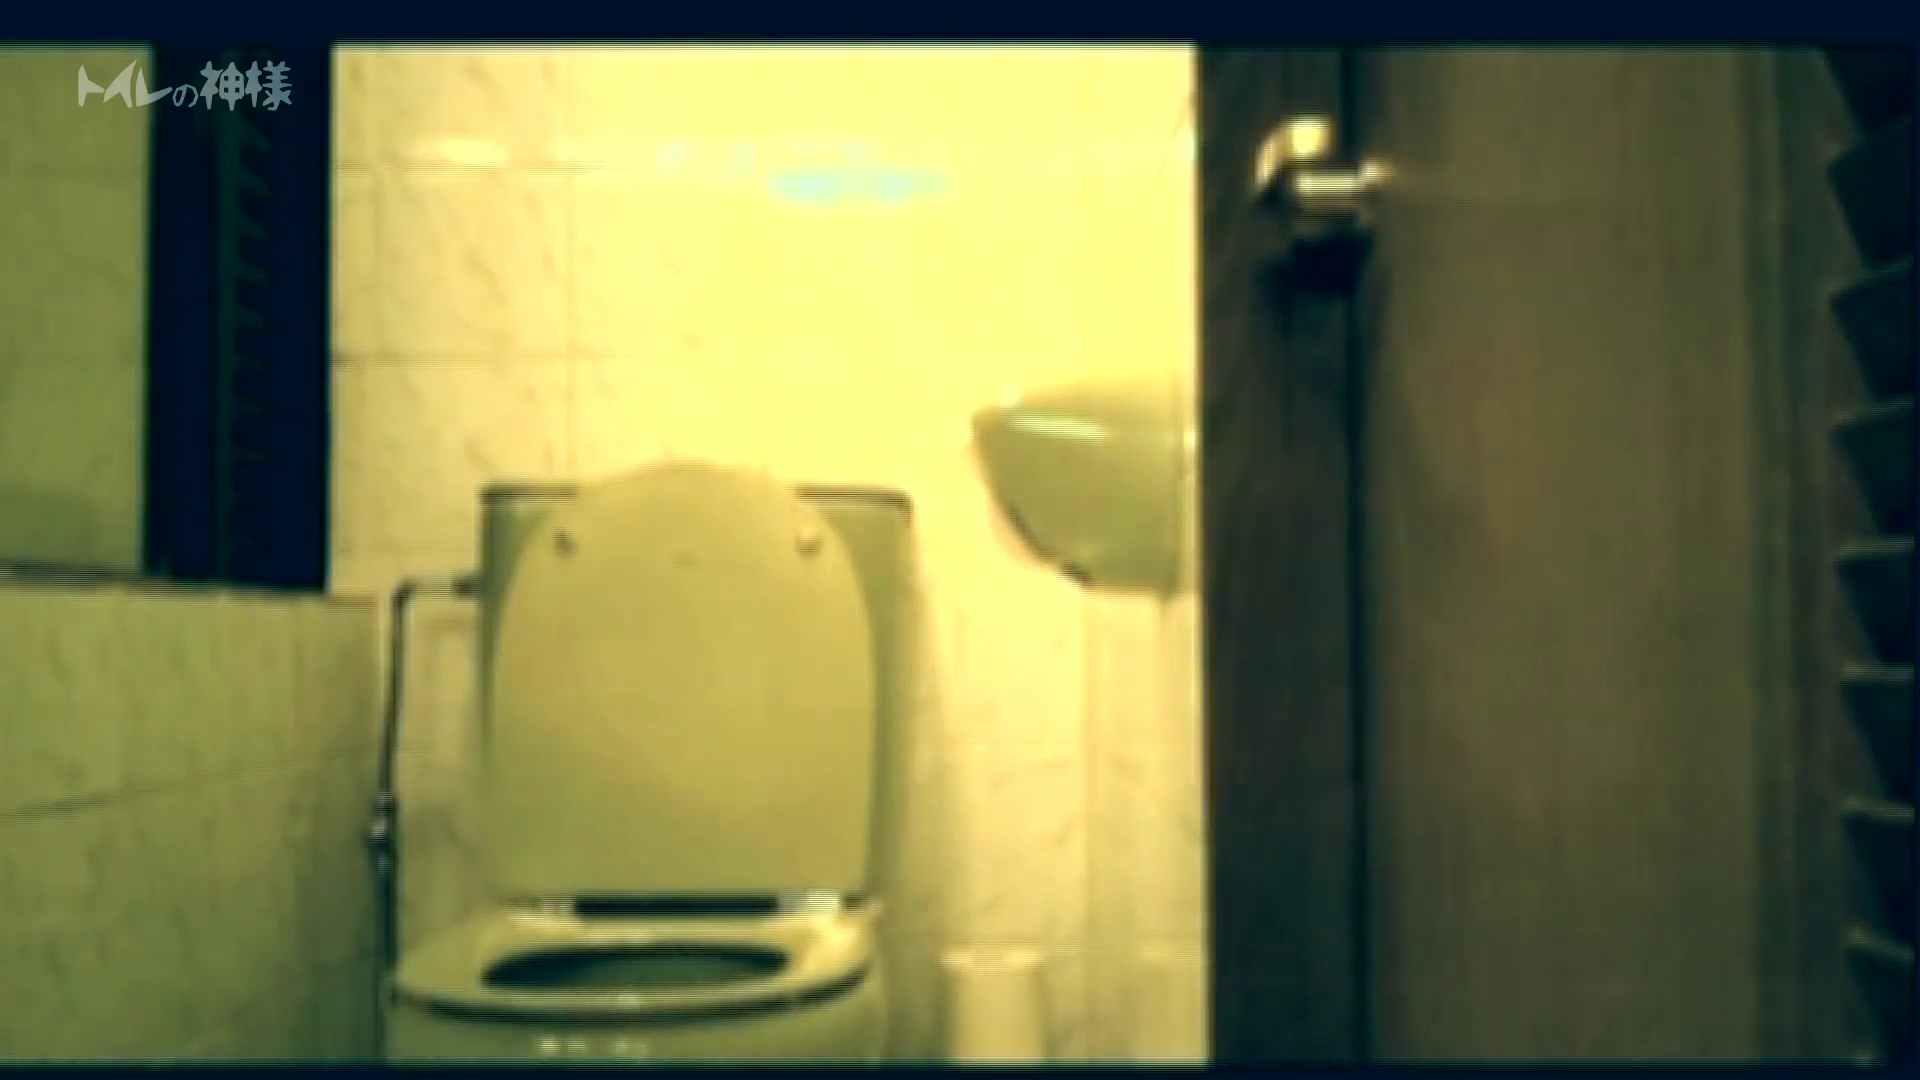 トイレの神様 Vol.01 花の女子大生うんこ盗撮1 HなOL オメコ無修正動画無料 96pic 9